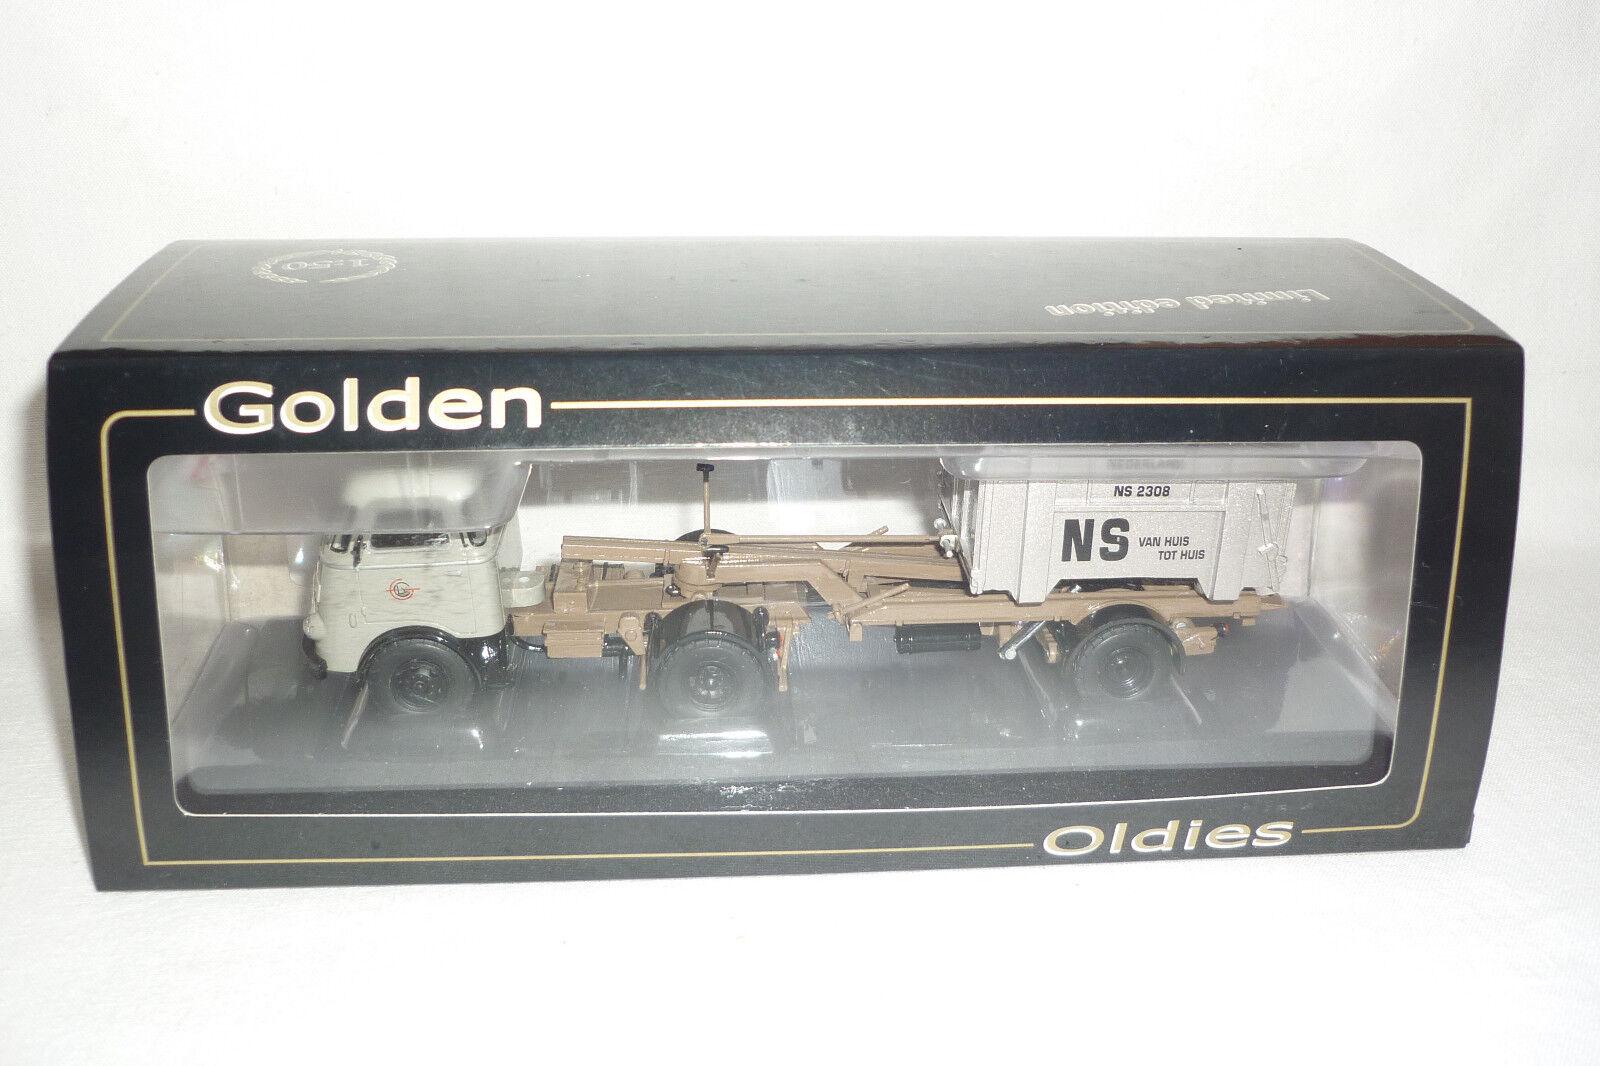 Gmts Bevro  modellolo  D'oro Oldiese DAF Autoarticolato Conf. Orig. 1 50